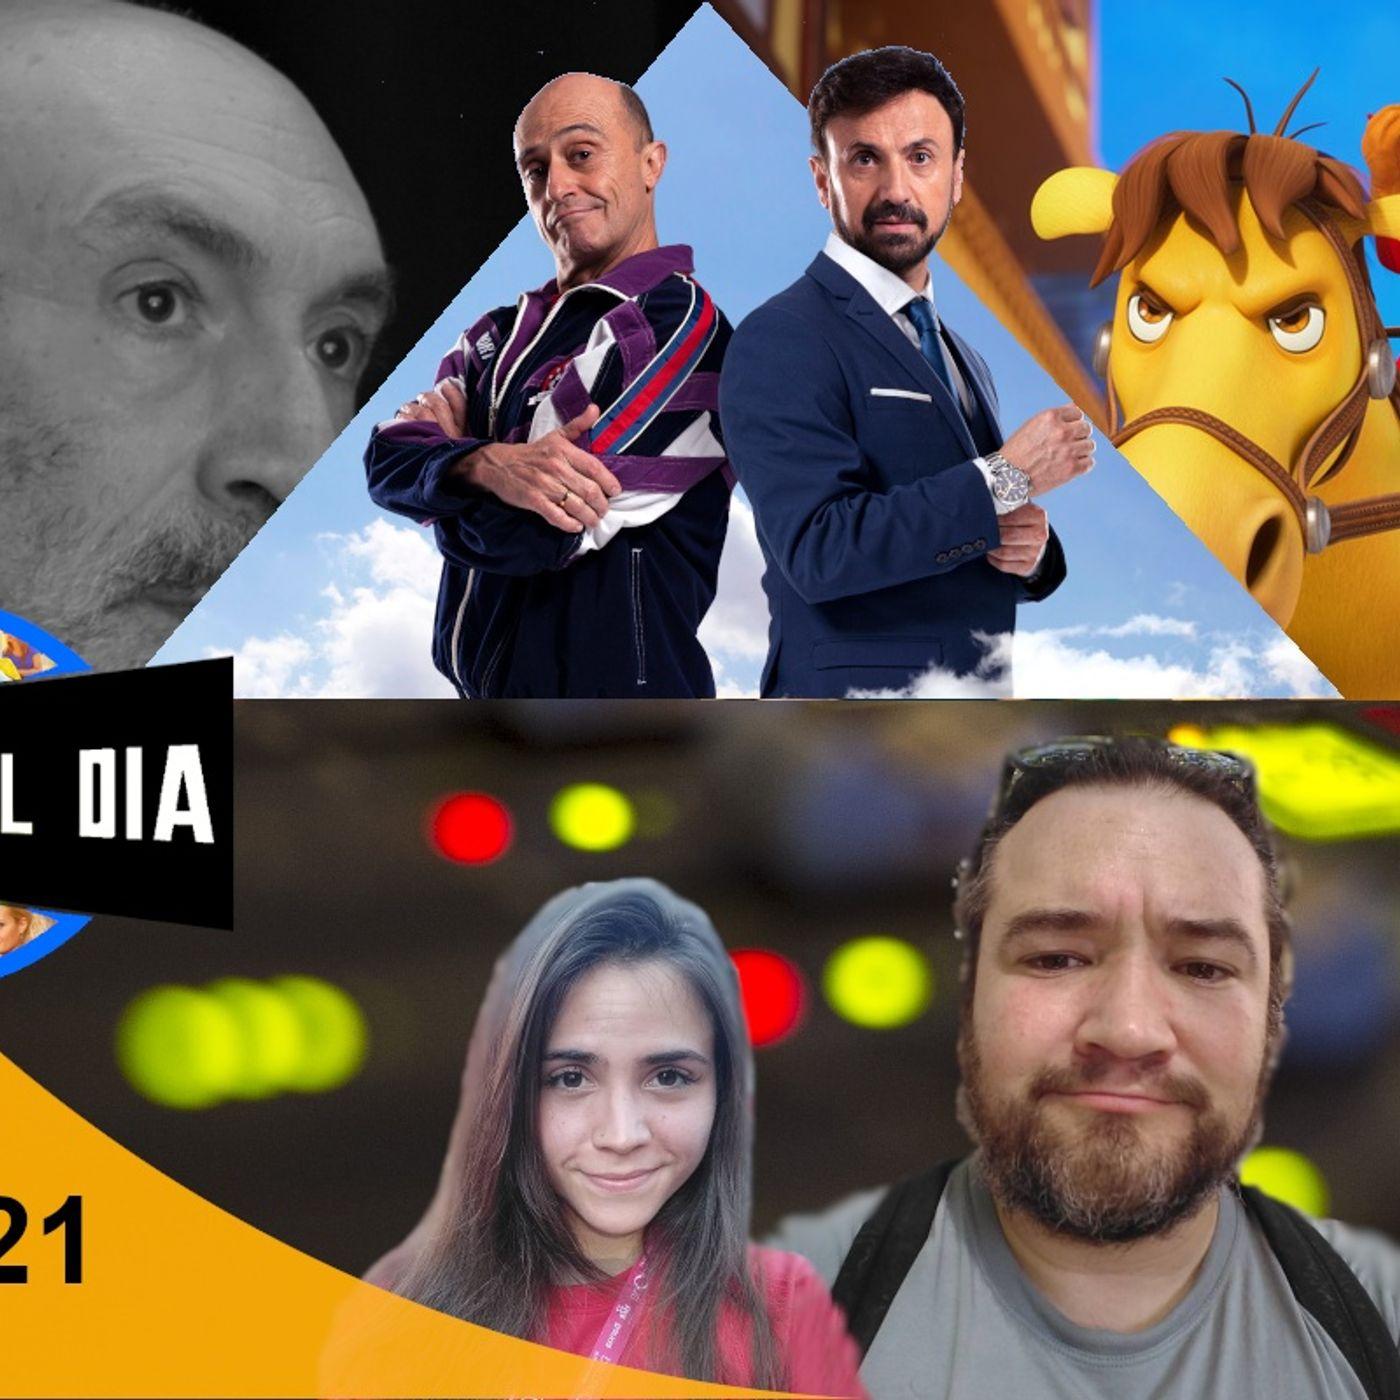 García y García | Ponte al día 459 (27/05/21)